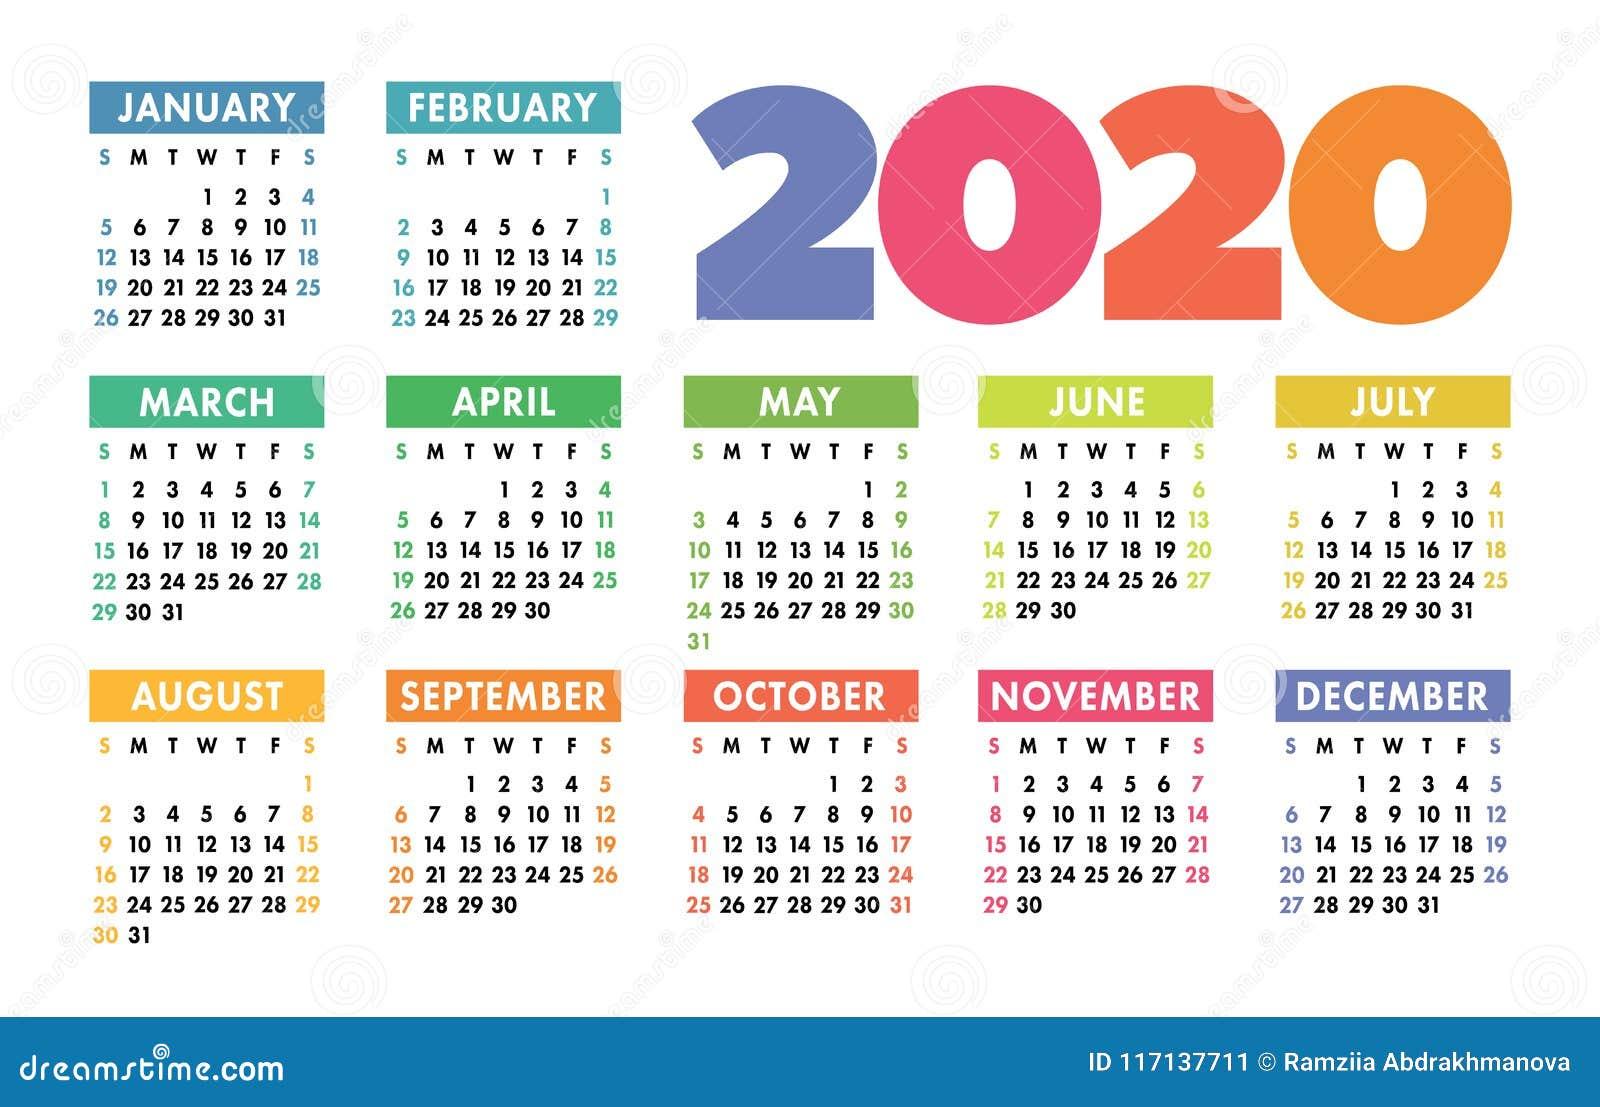 Calendario 2020 Inter.Template Calendario 2020 Italiano Calendario 2020